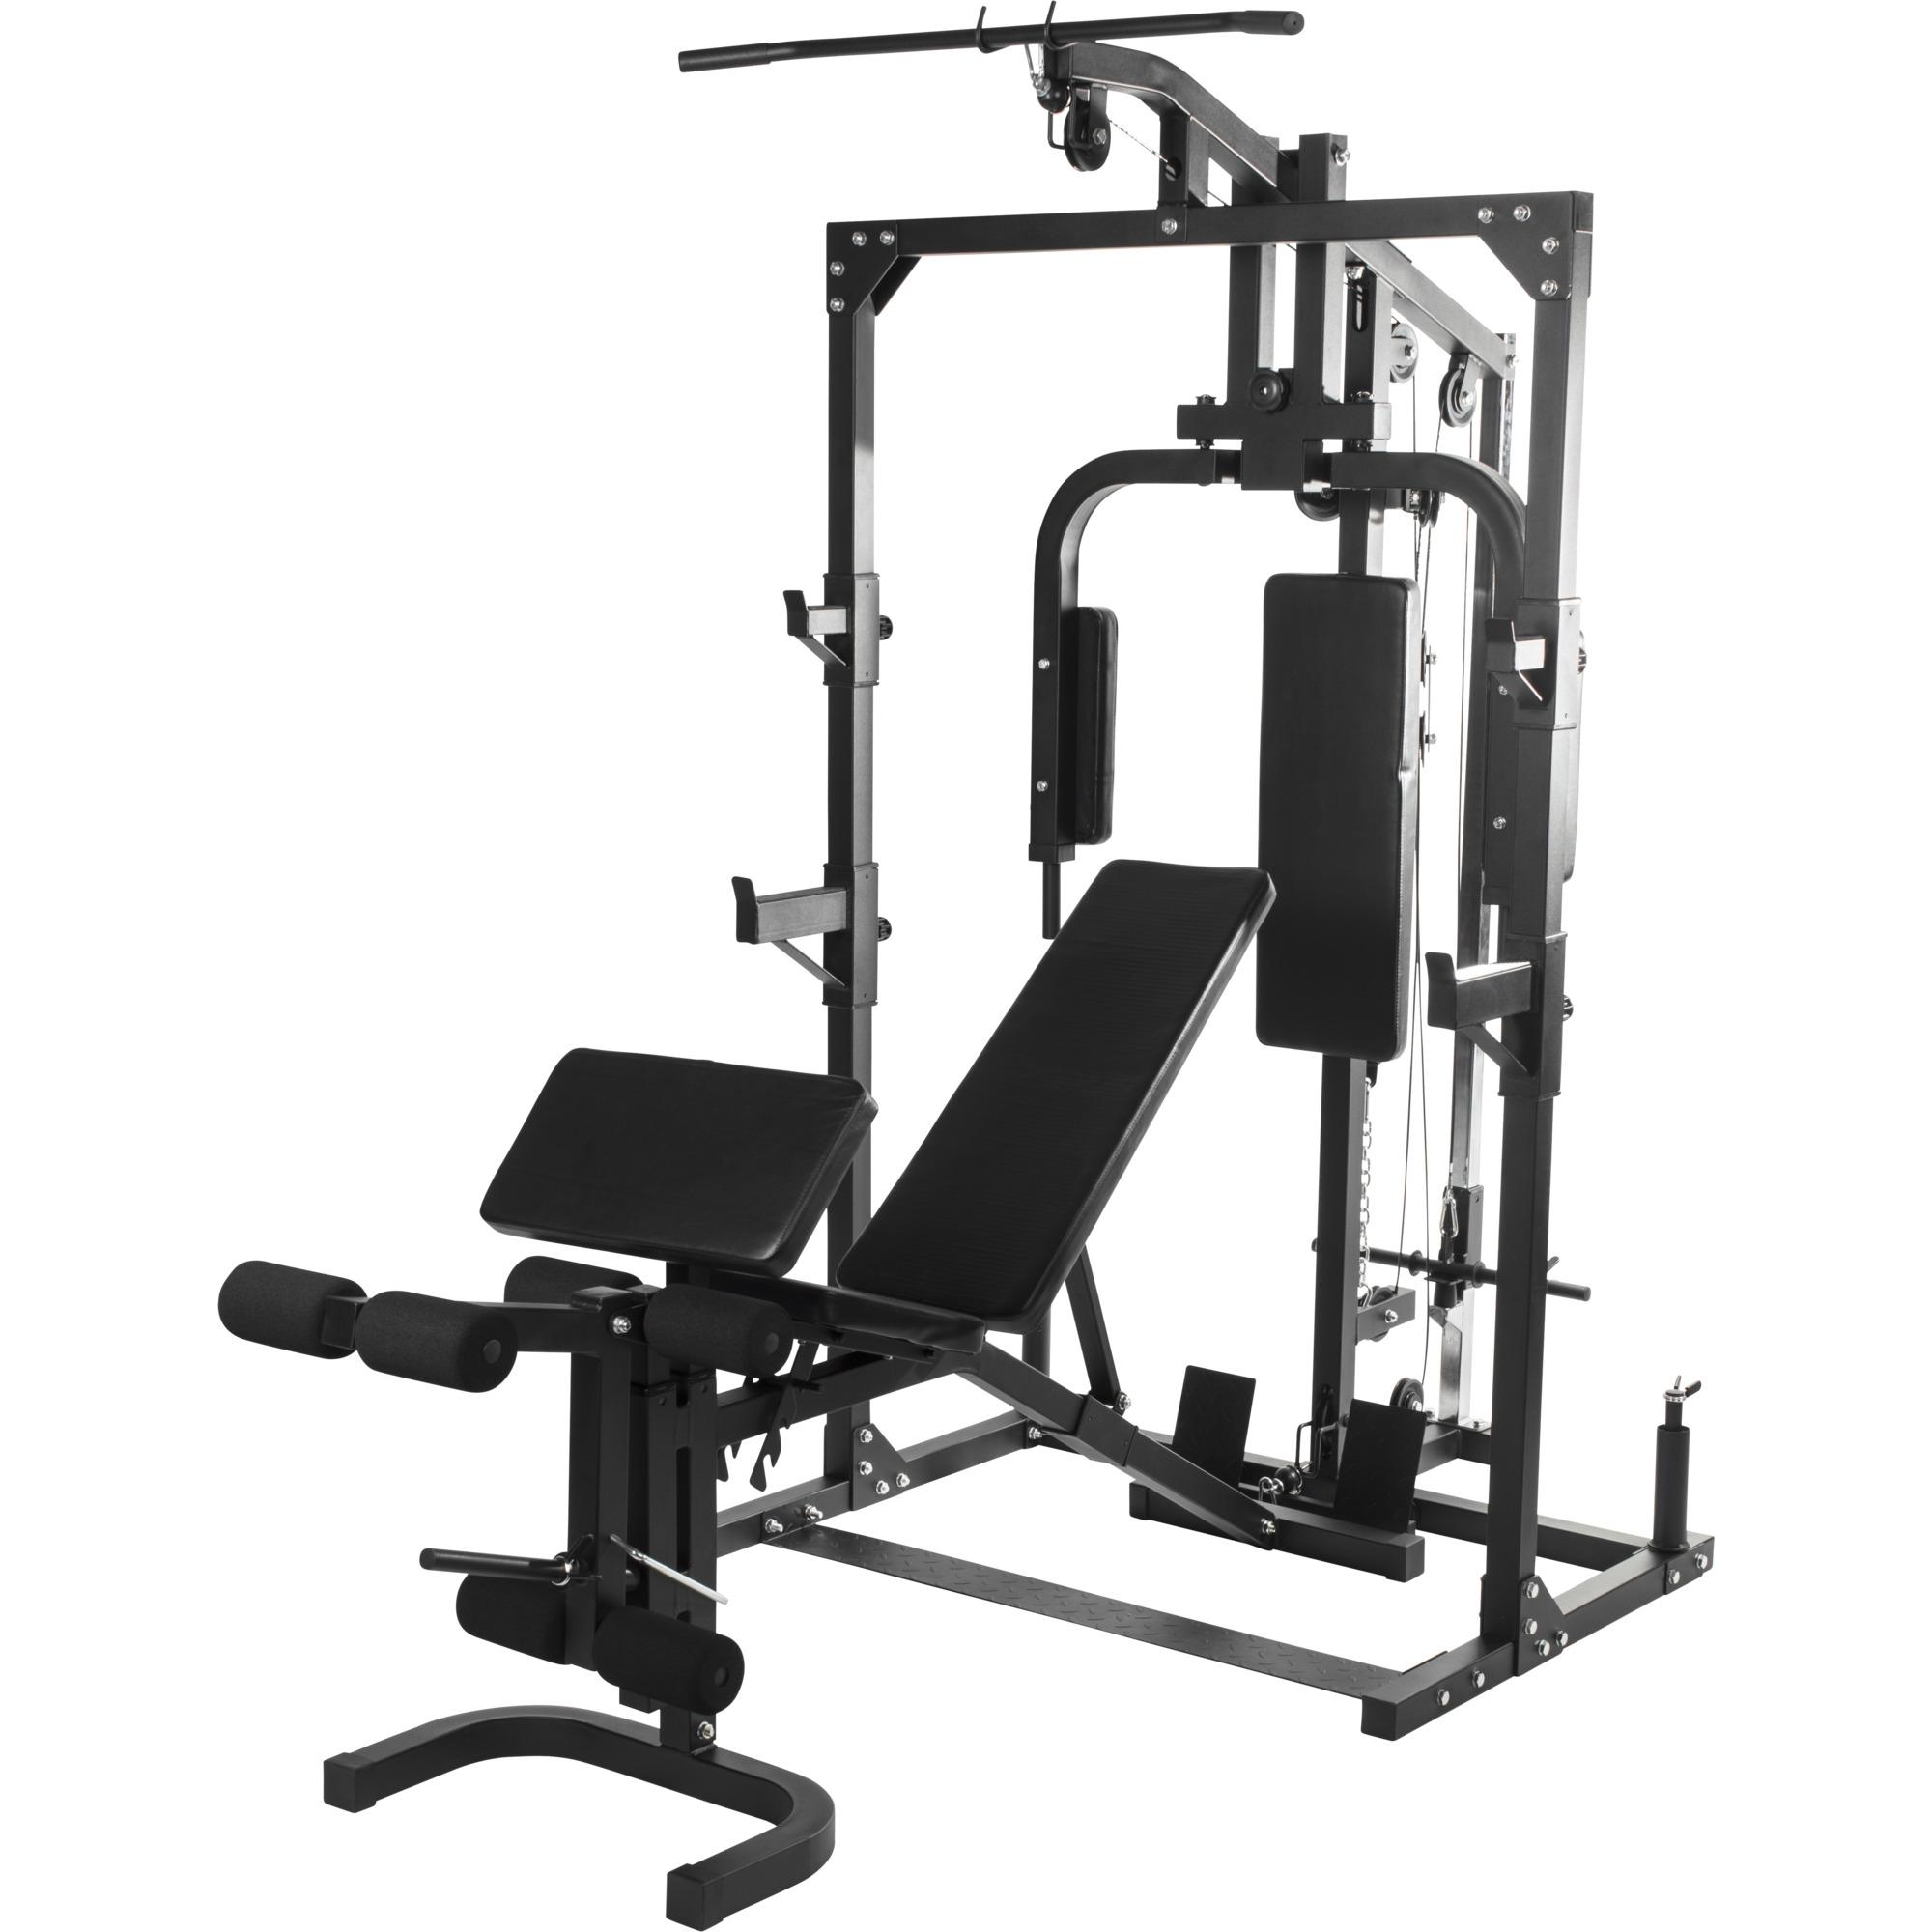 JIAJULL Halt/ère Banc Home Gym /Équipement for Hommes Multi-Fonction Fitness Banc Banc entra/înement r/églable Banc de Musculation avec Extension Jambe Leg Curl Noir